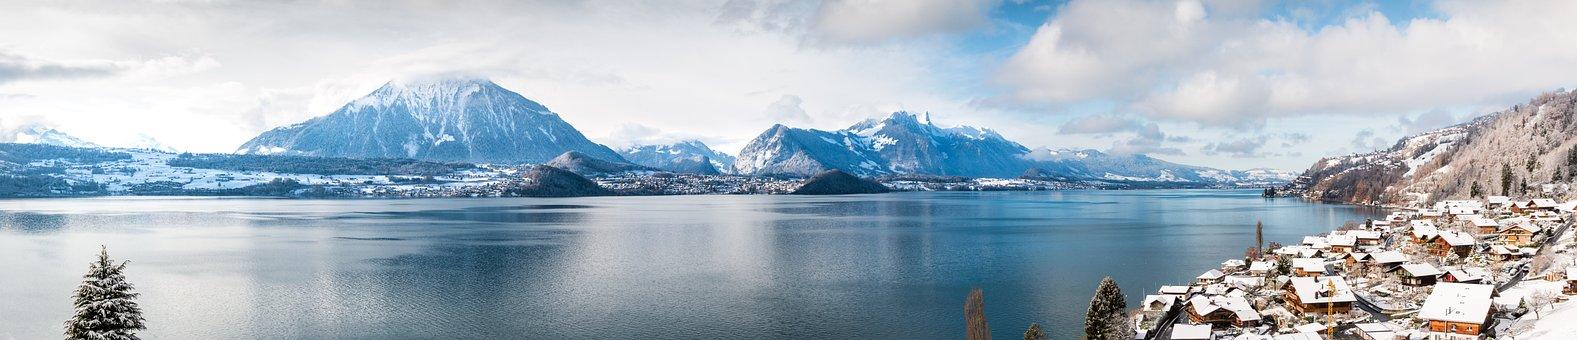 Qué ver qué hacer en Suiza